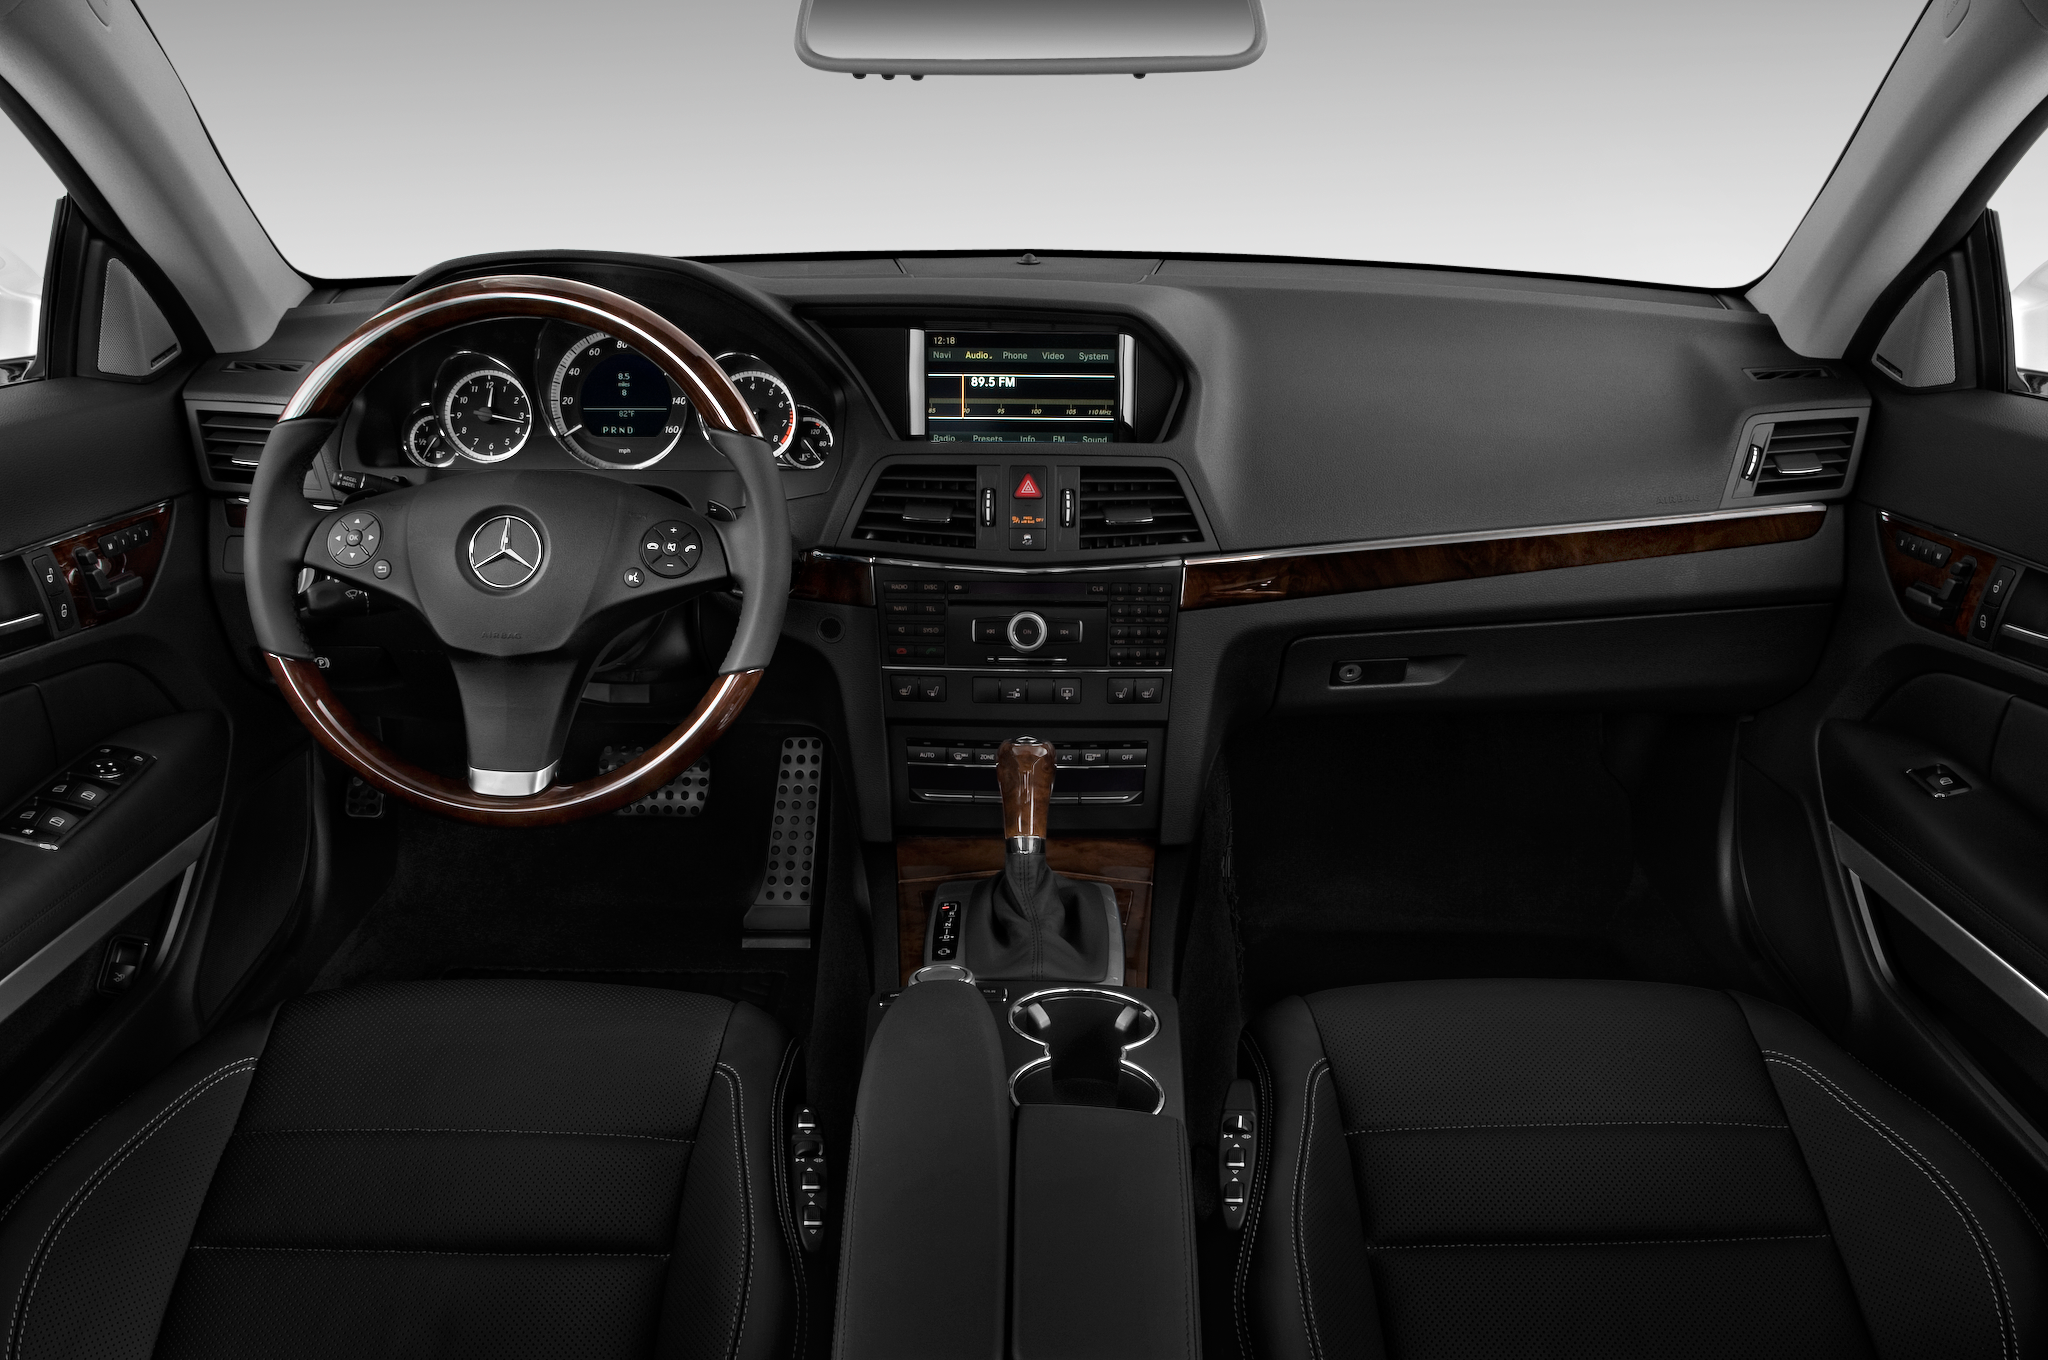 2010 Mercedes Benz E350 2009 Audi A6 2009 Bmw 528i